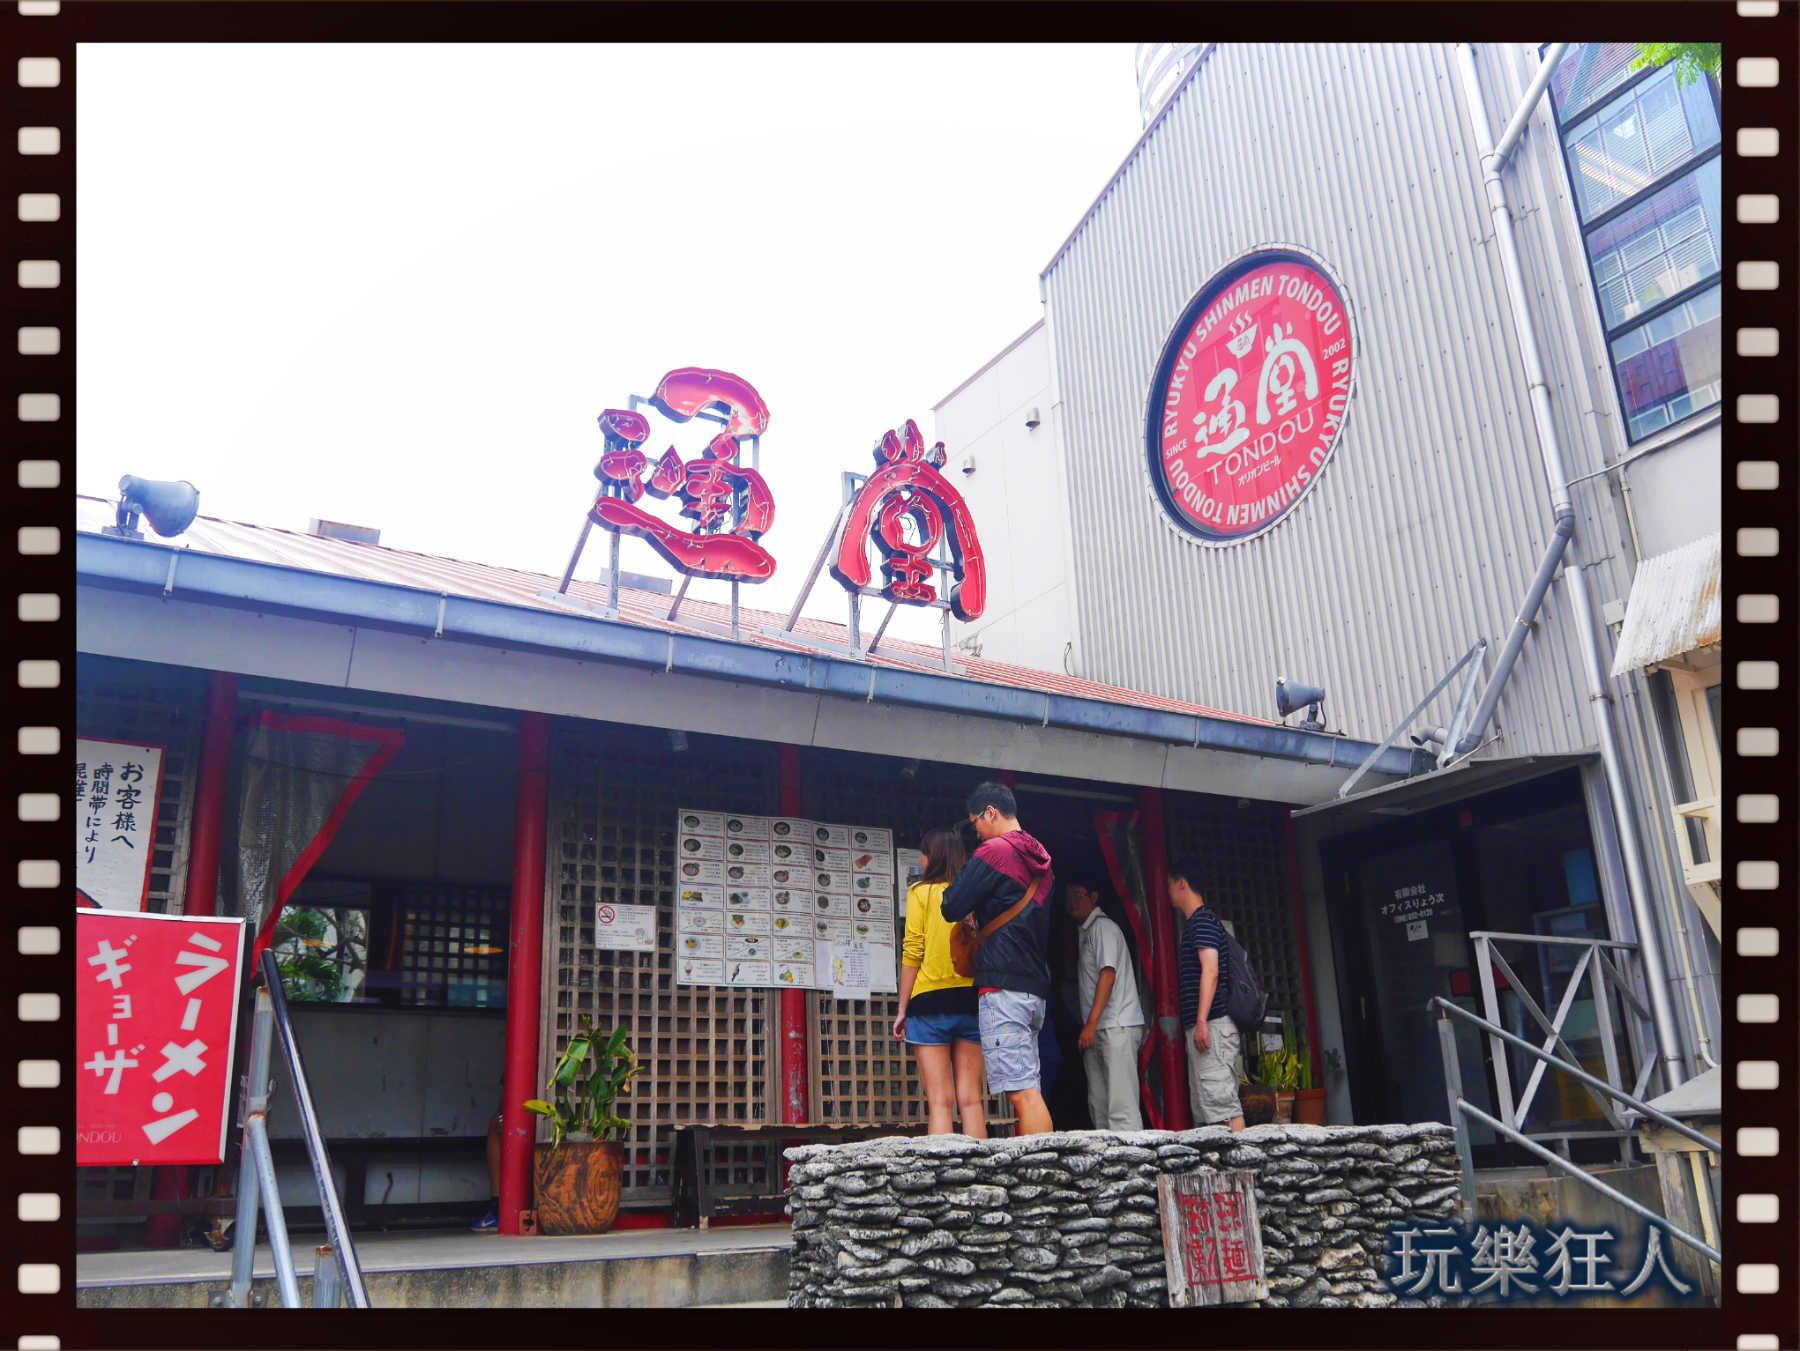 『通堂拉麵』小祿本店門口